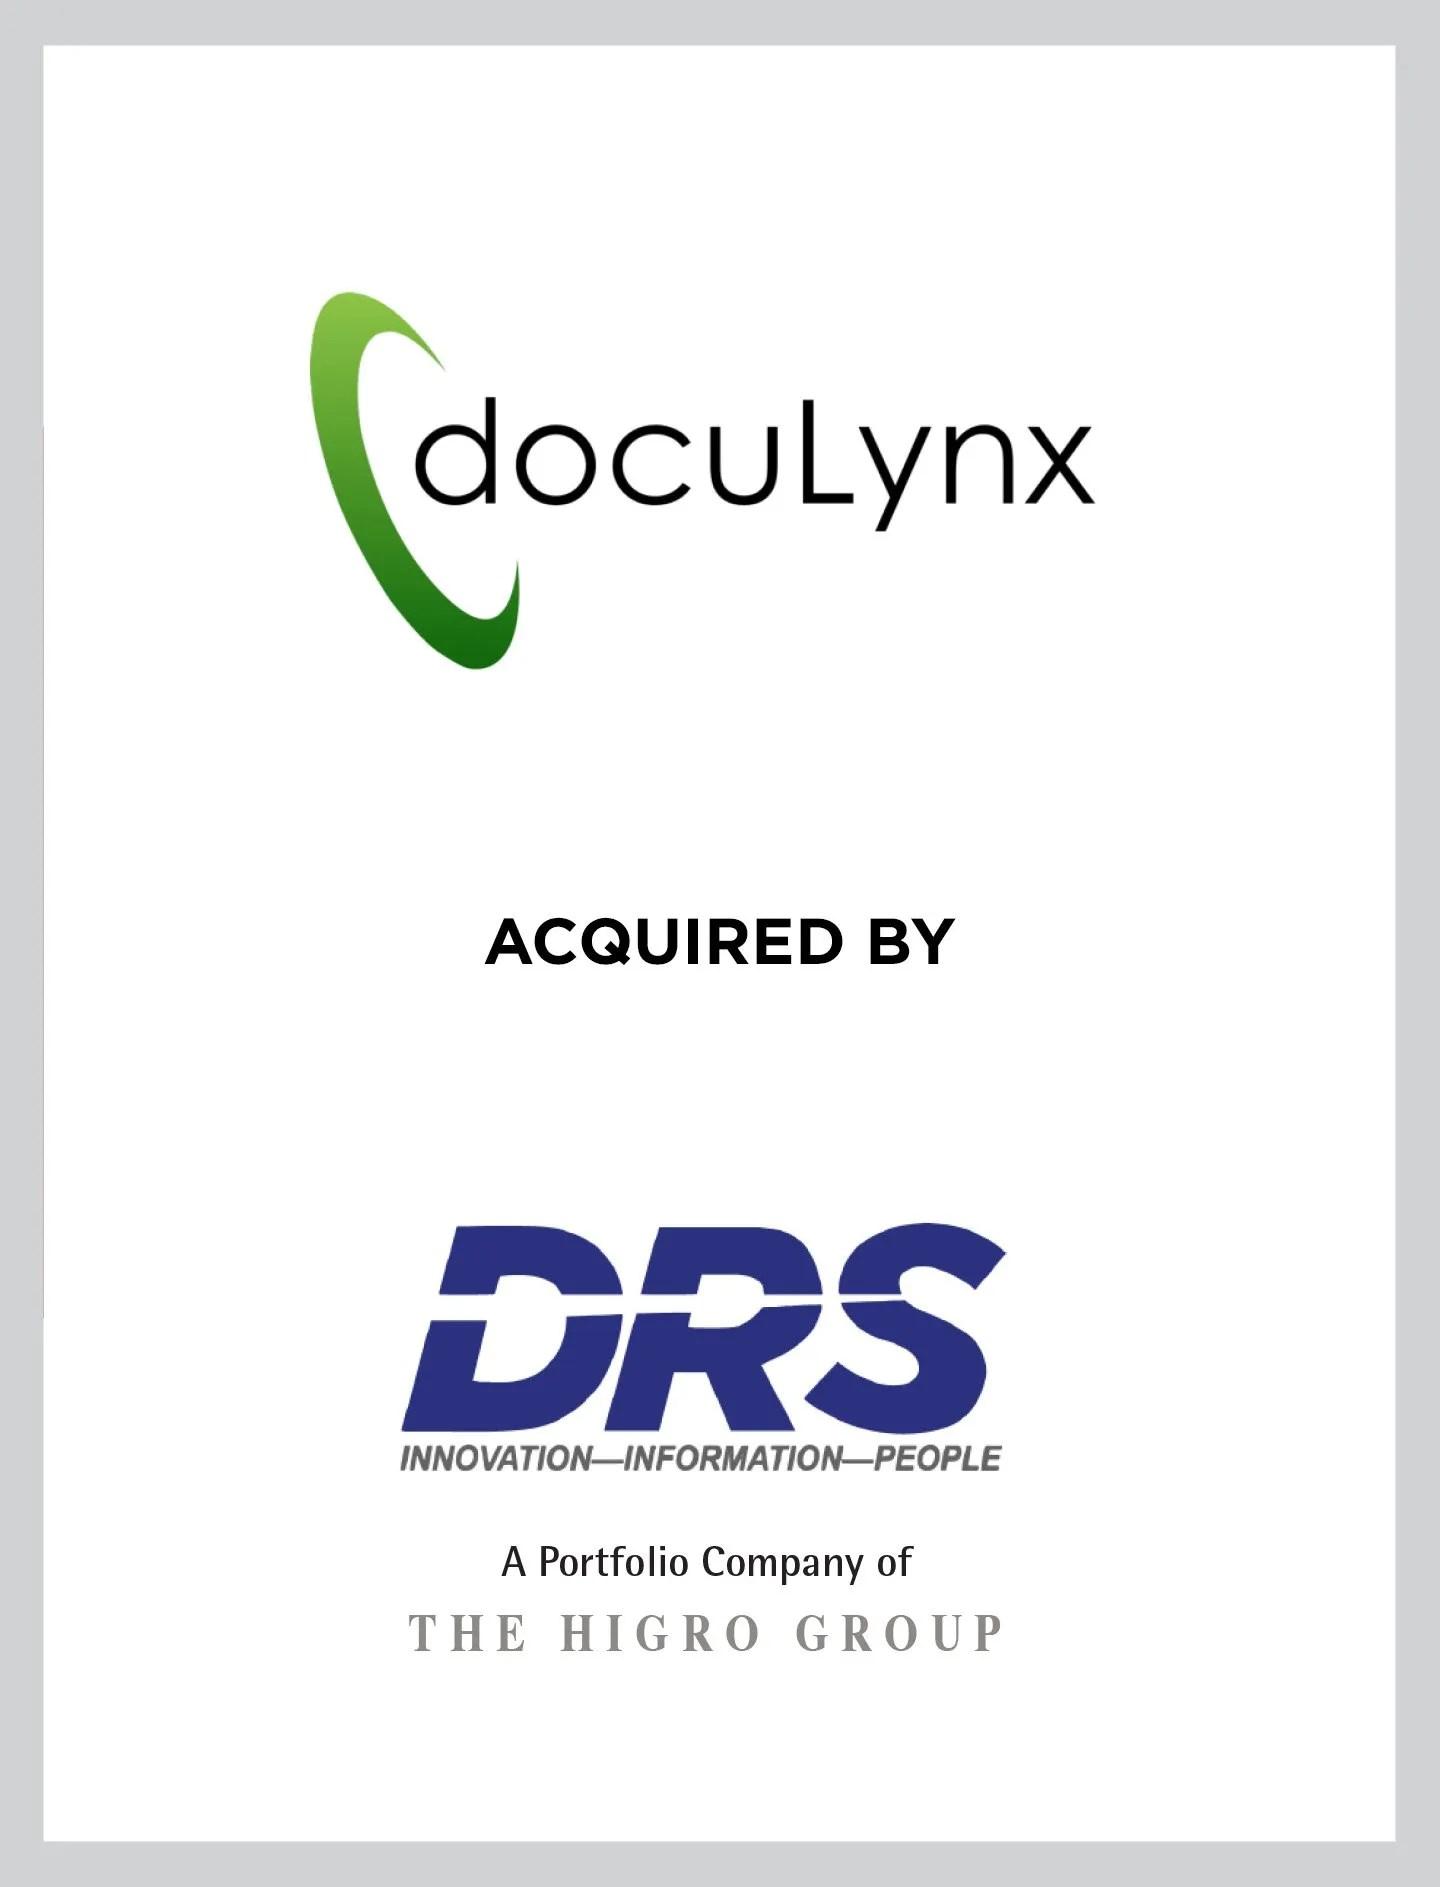 docuLynx